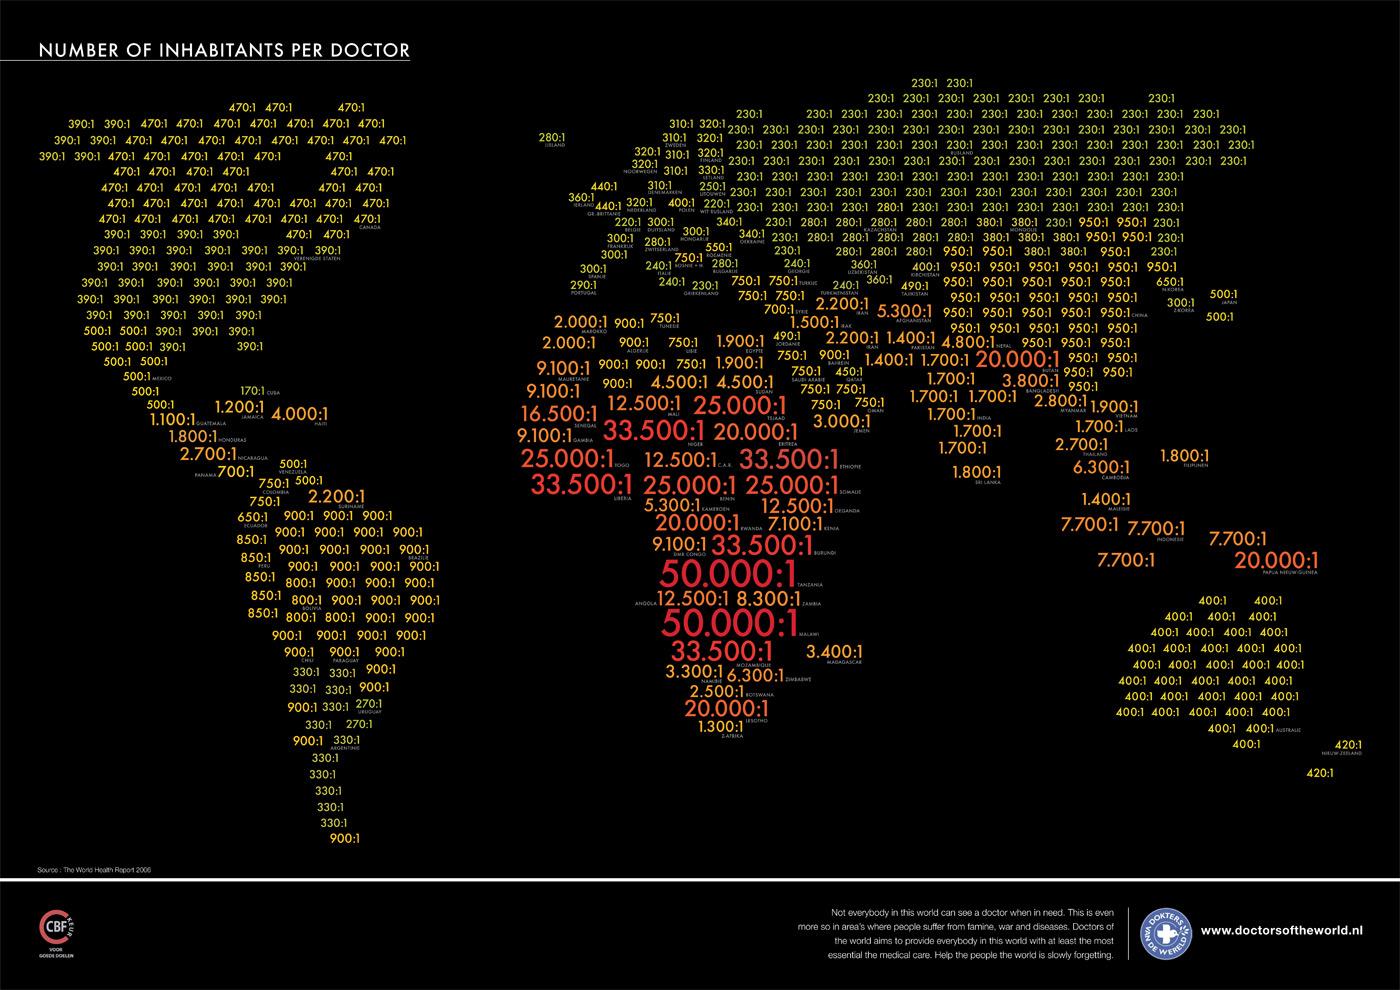 Habitantes por medico en el mundo